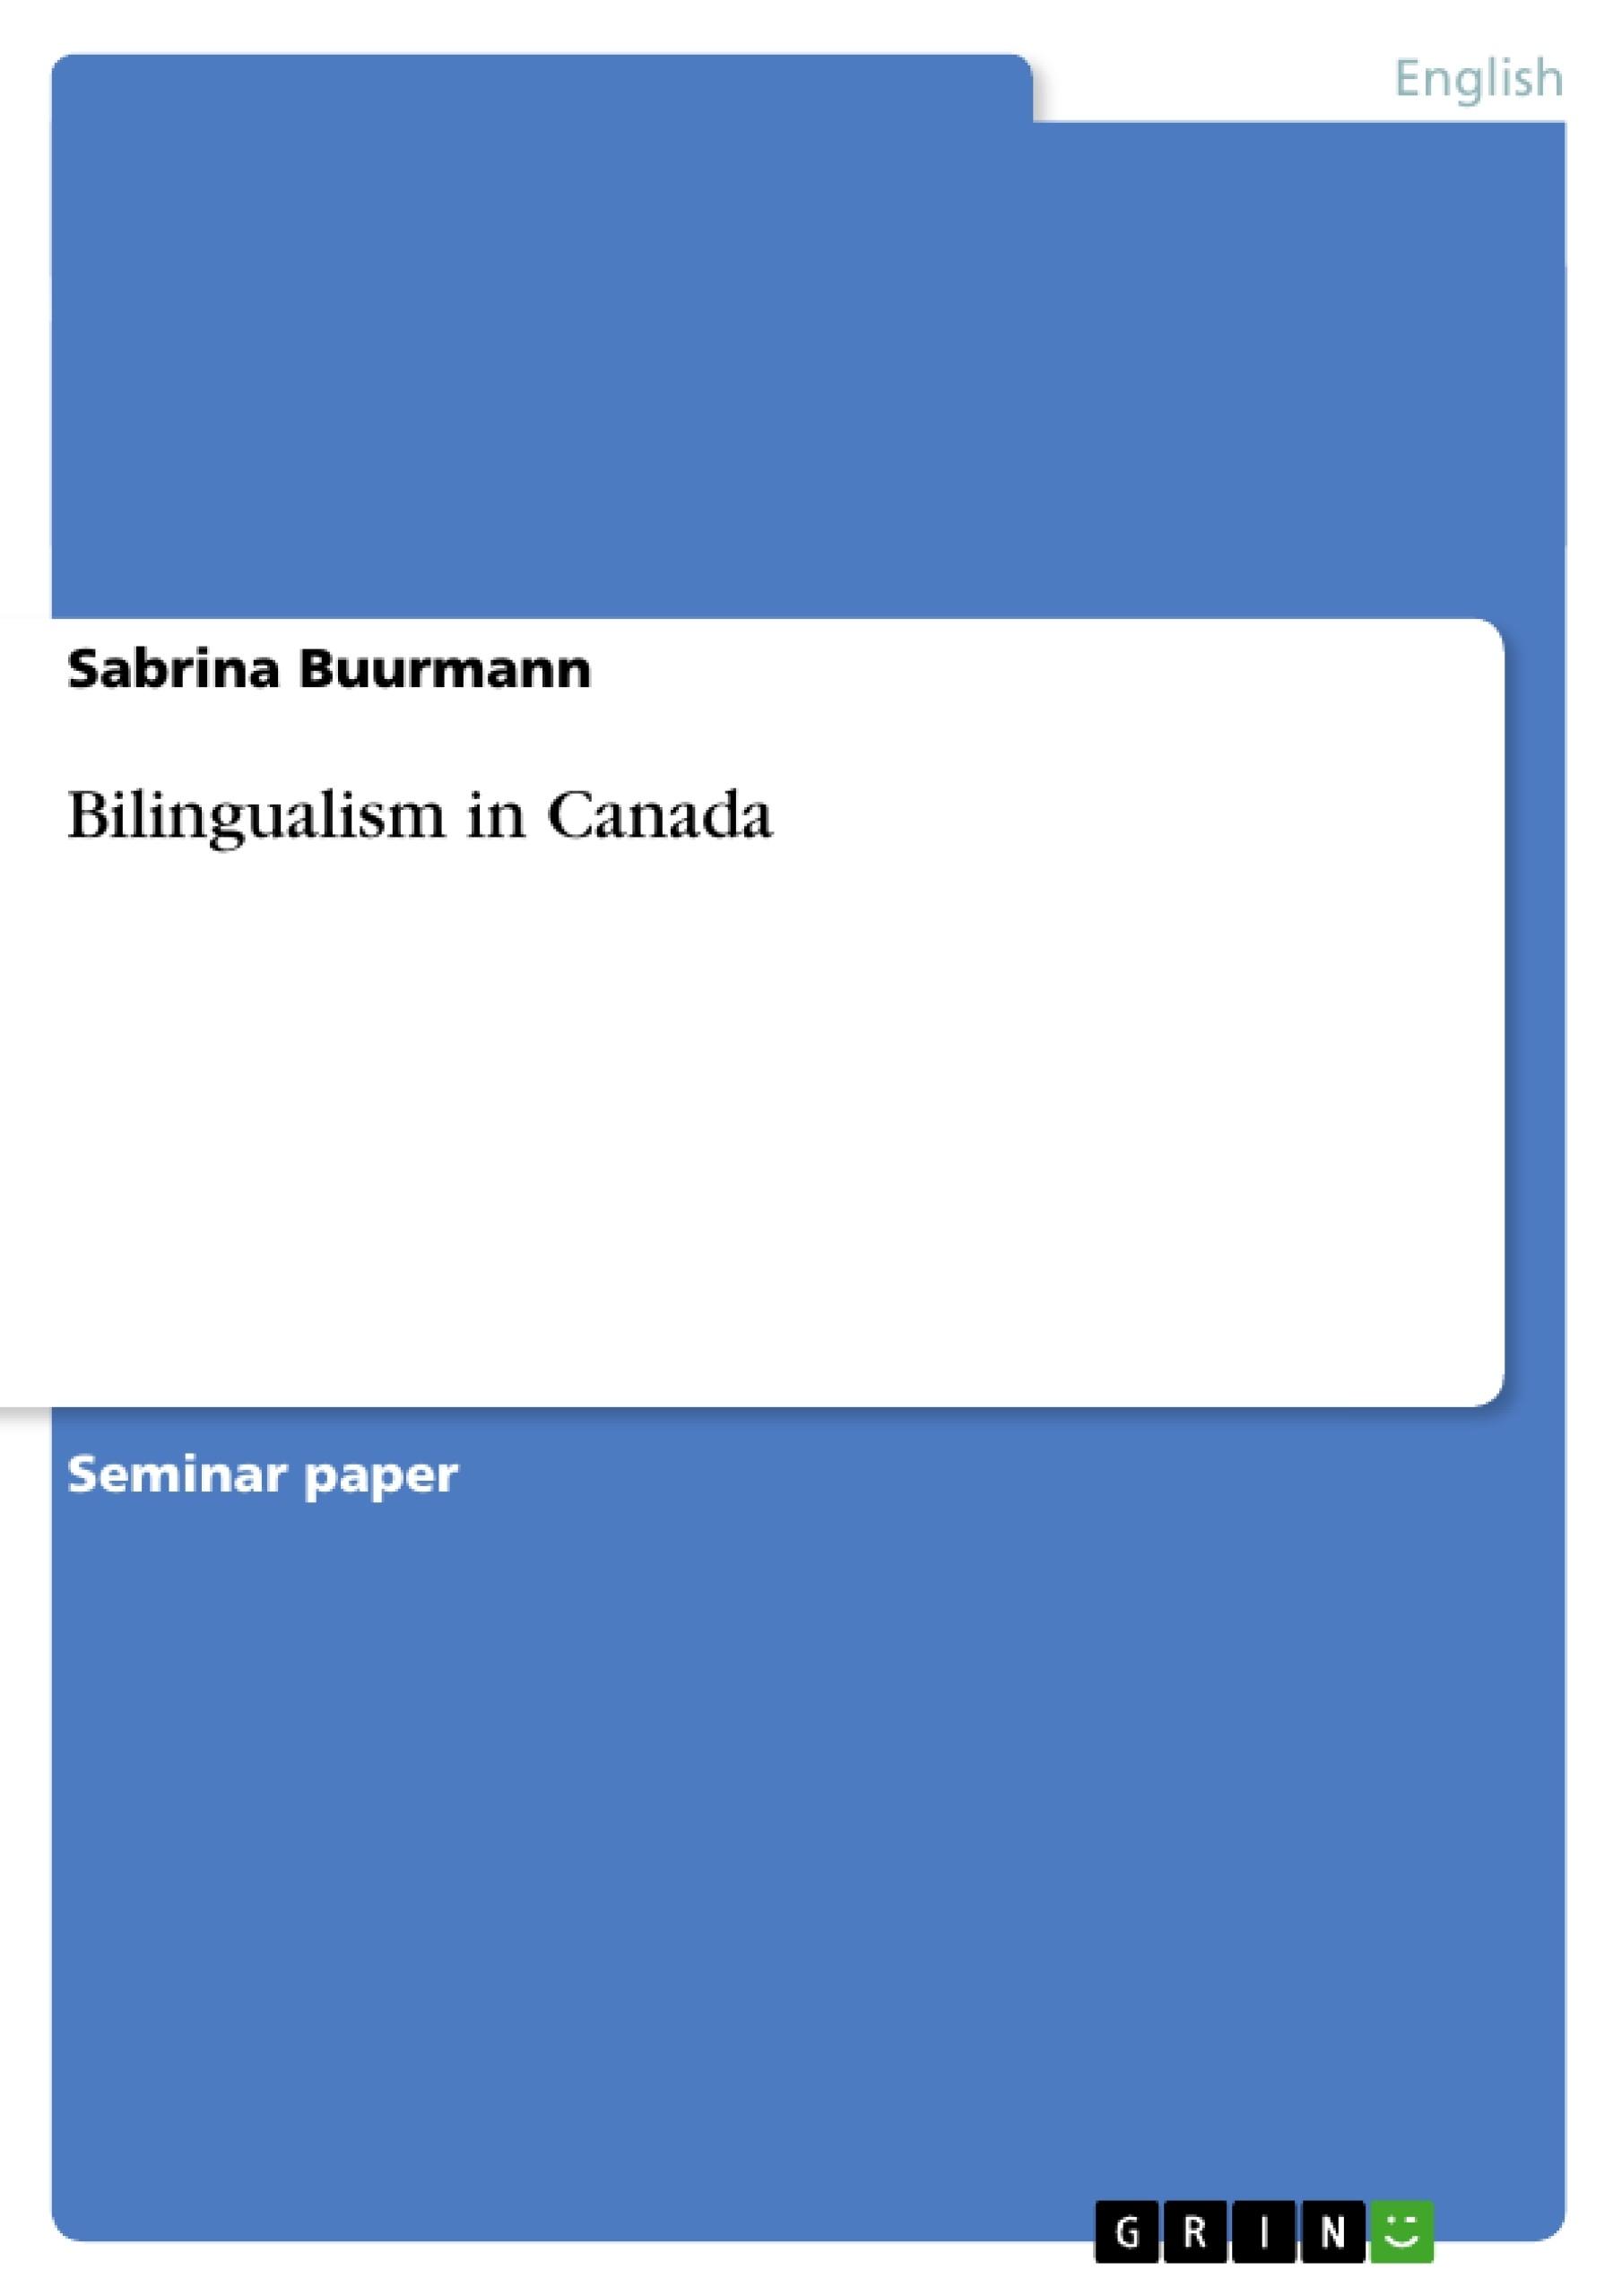 Title: Bilingualism in Canada